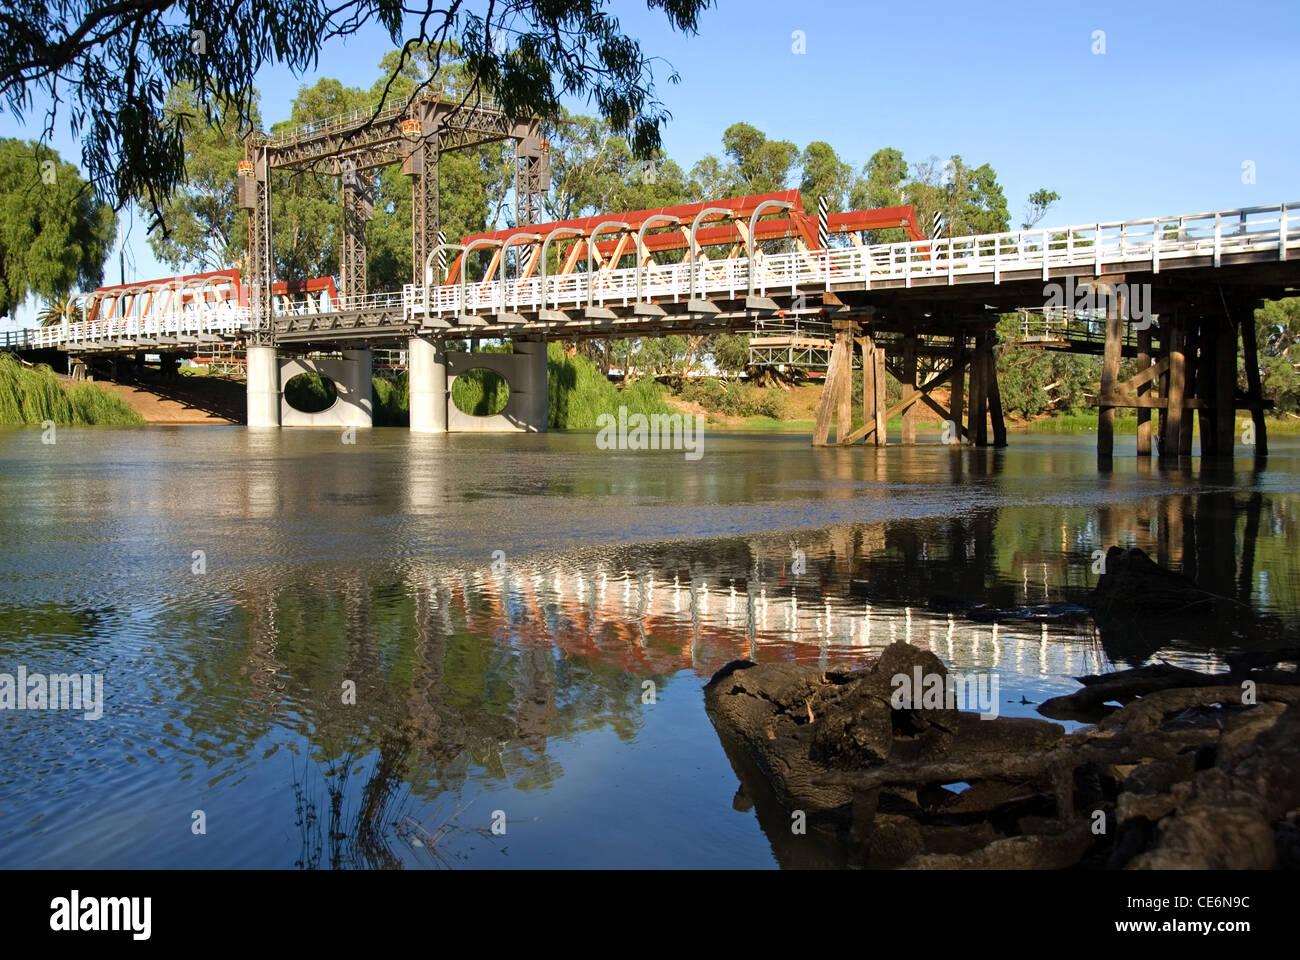 A bridge over the Murray River in Echuca, Victoria, Australia Stock Photo